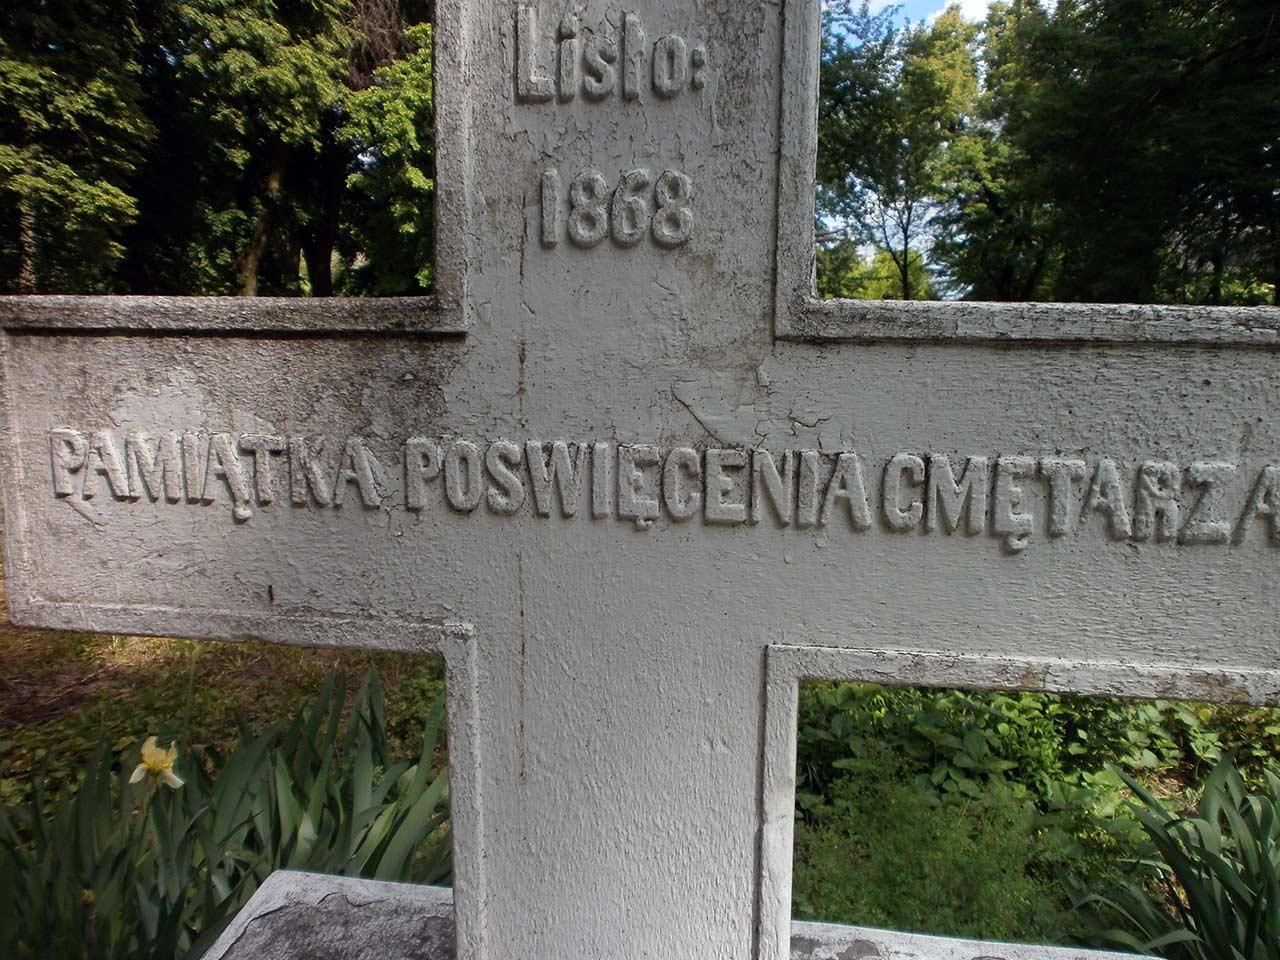 Krzyż, upamiętniający poświęcenie niemirowskiego cmentarza w 1868 roku